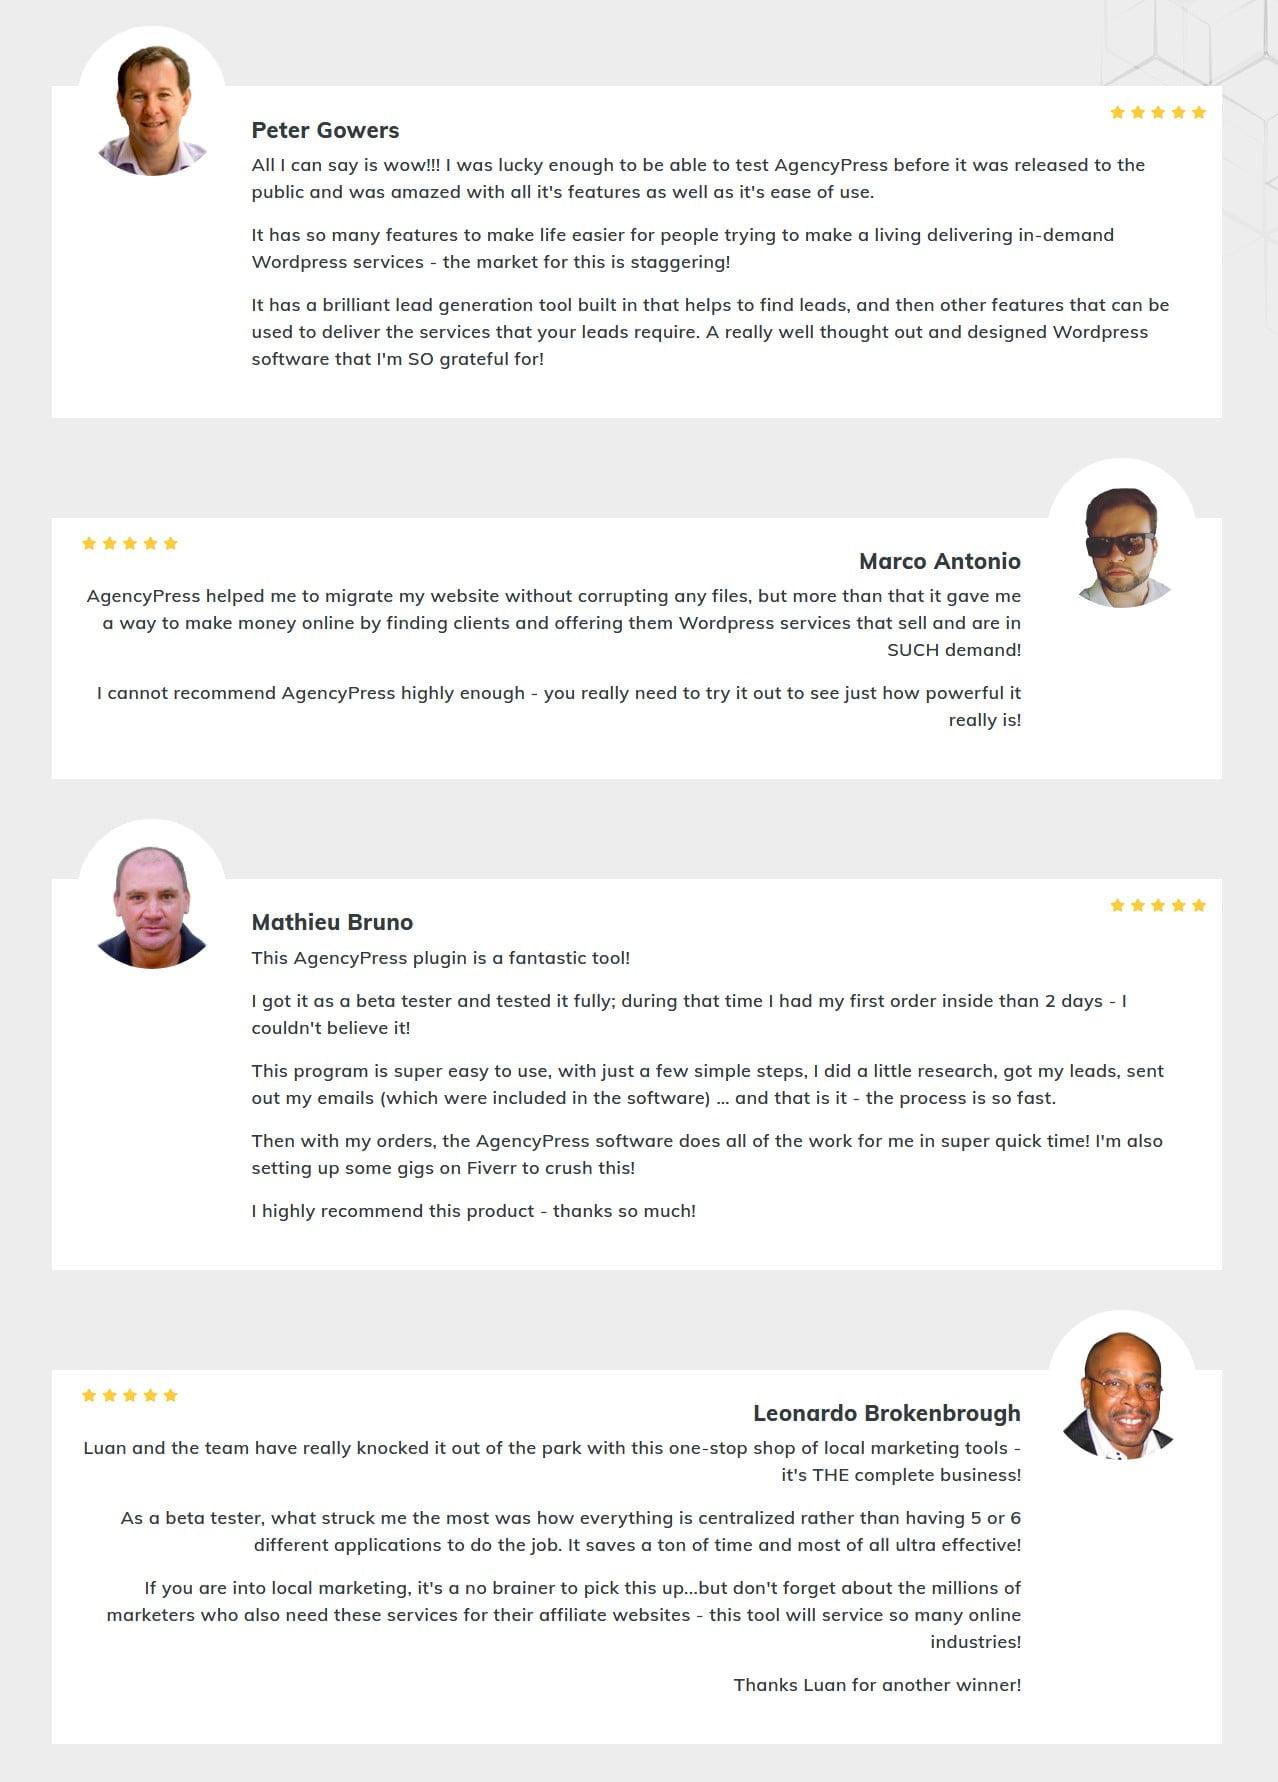 AgencyPress-feedback-1